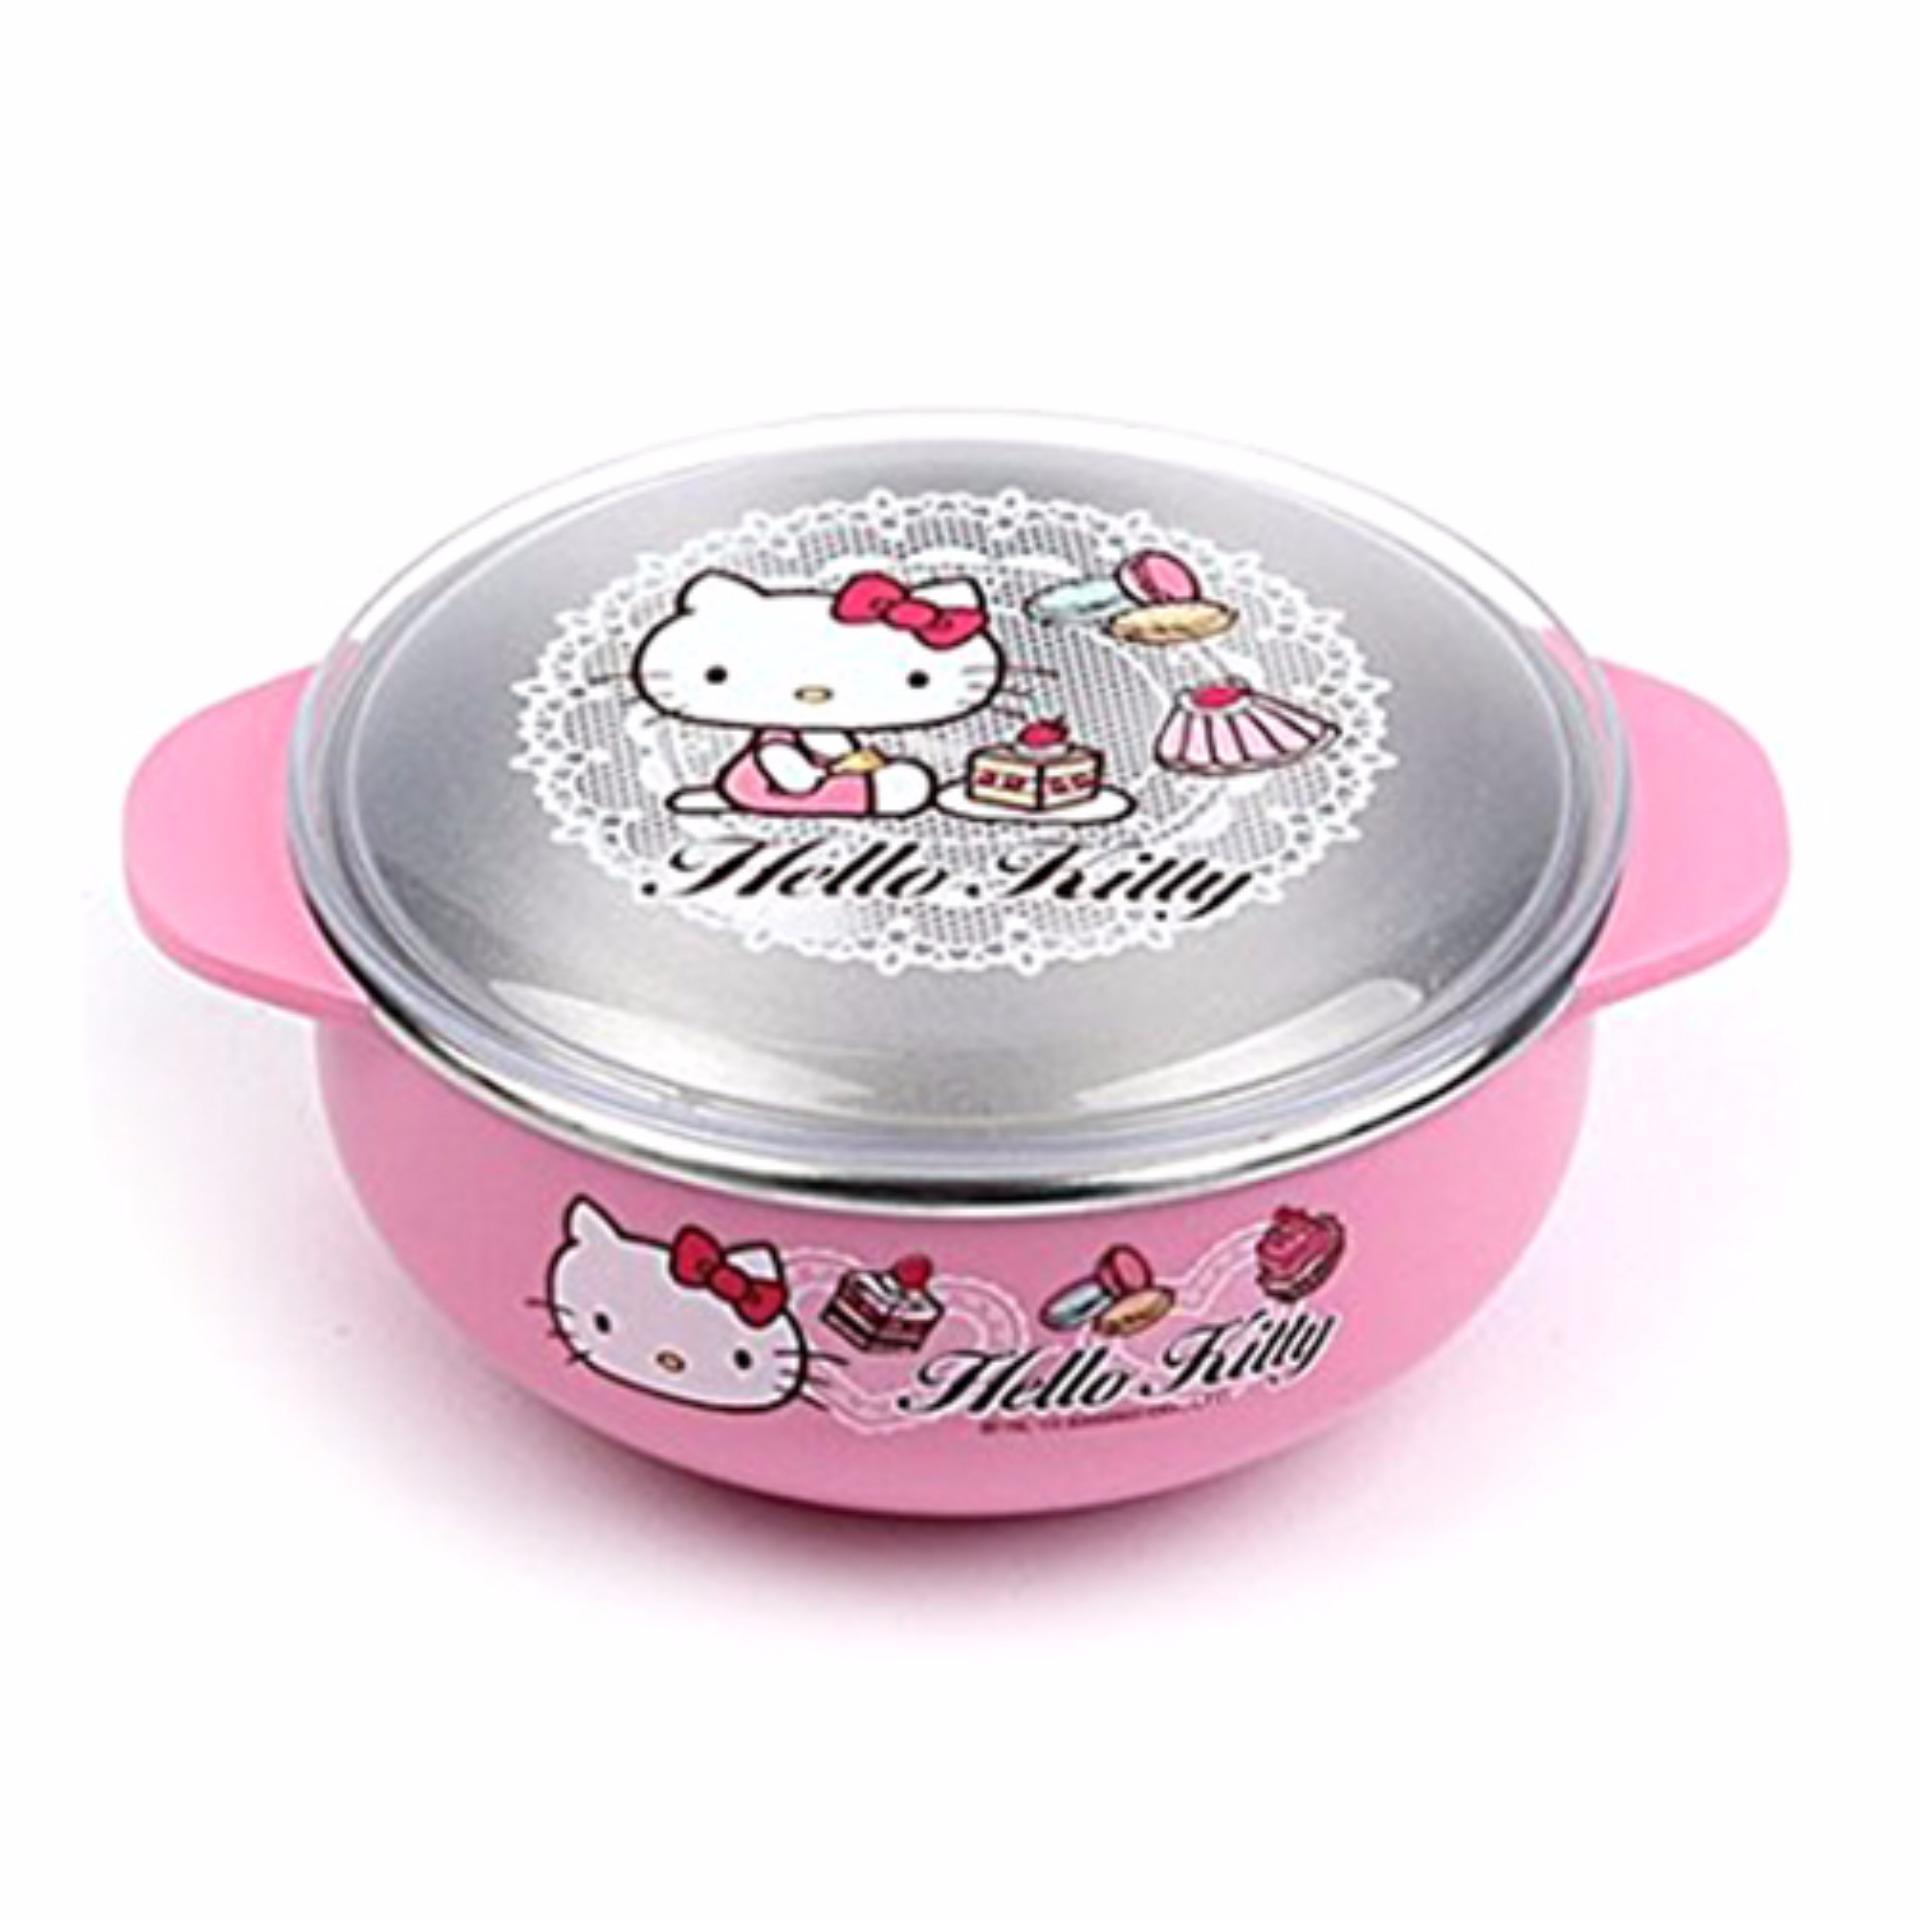 Bát ăn cho bé có nắp đậy L&L Hello Kitty 131x105x55mm - Màuhồng - LKT479